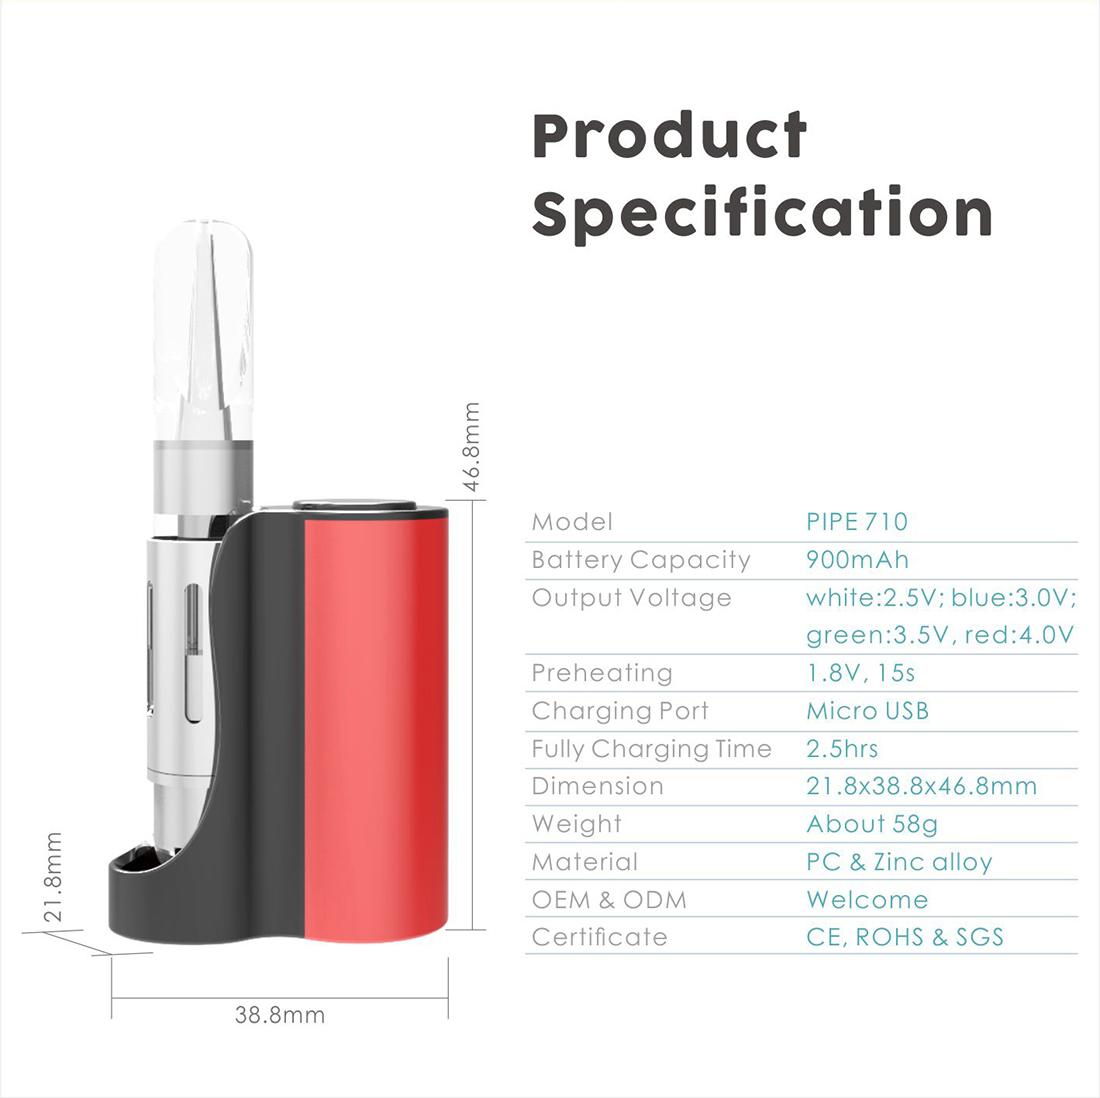 Vapmod Pipe 710 Starter Kit Specifiction